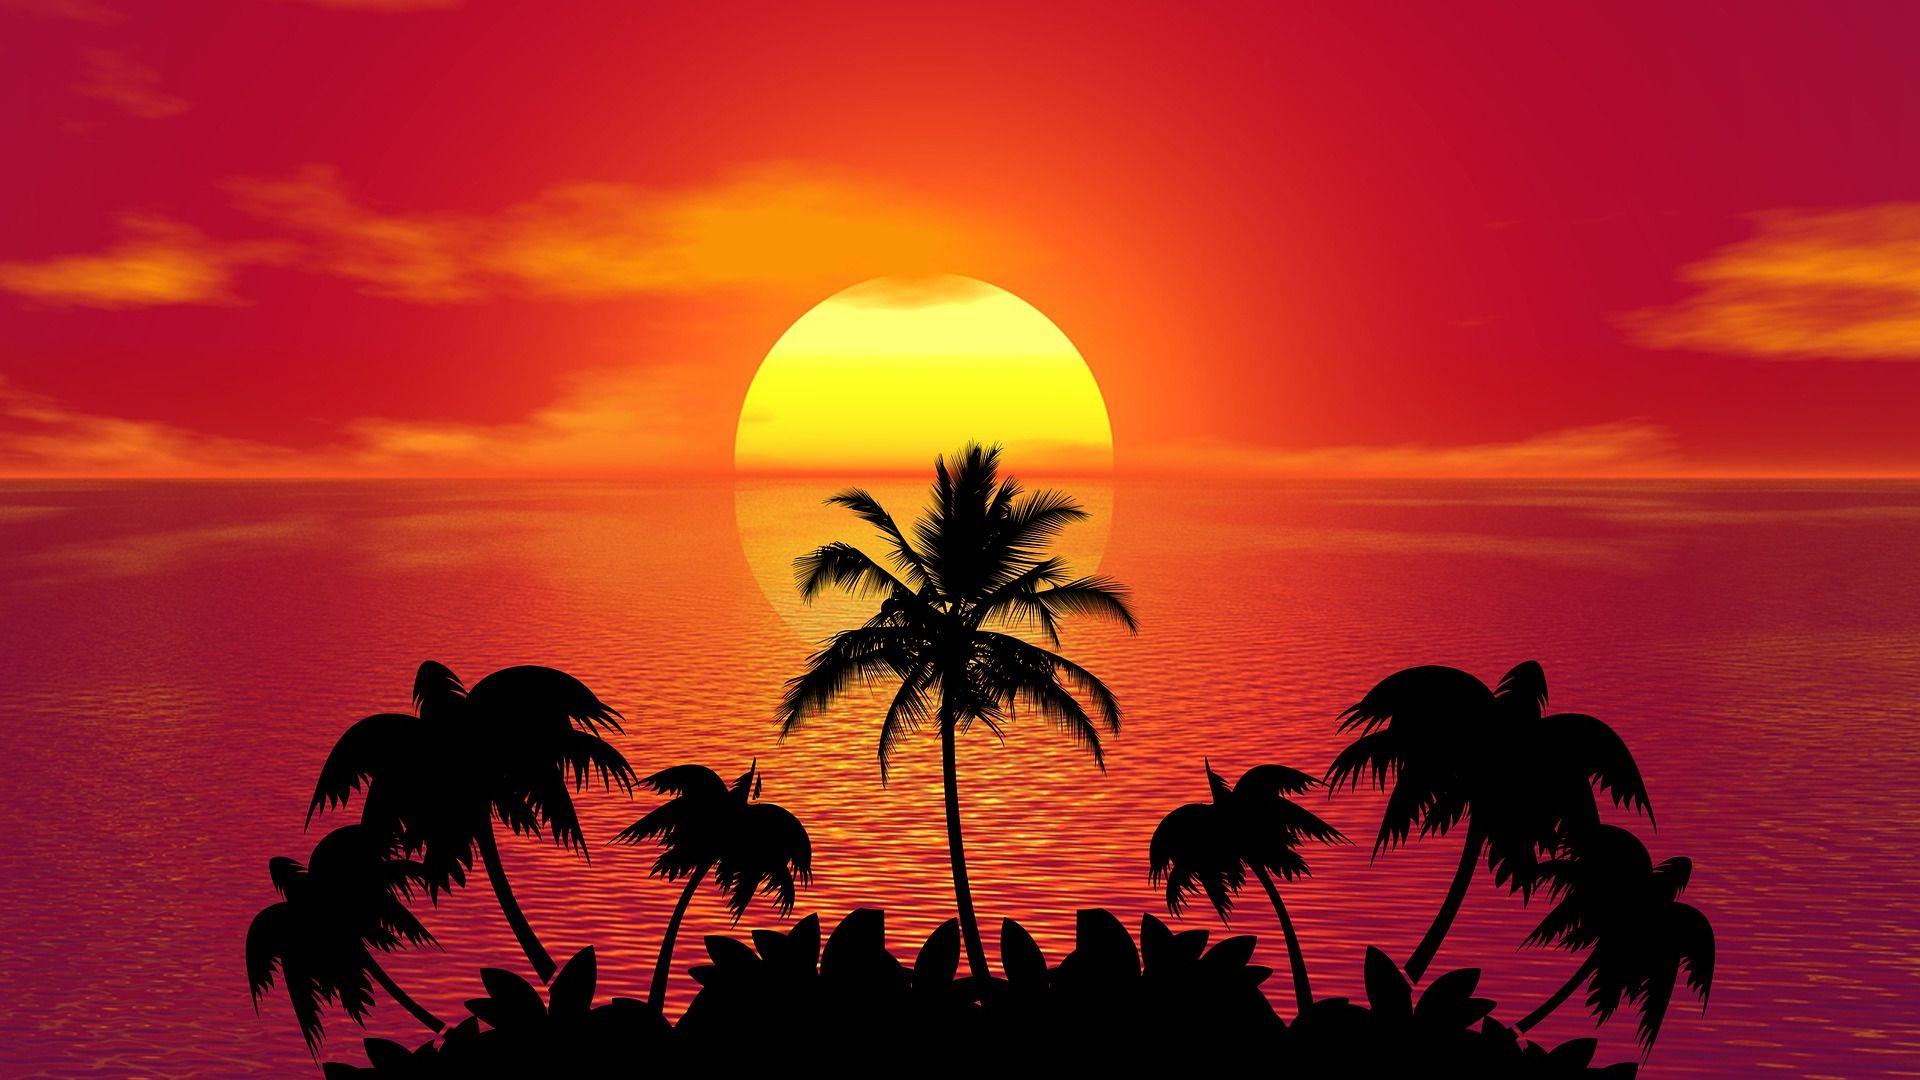 Summer Beach Sunset Art Wallpaper - Sunset Summer - HD Wallpaper